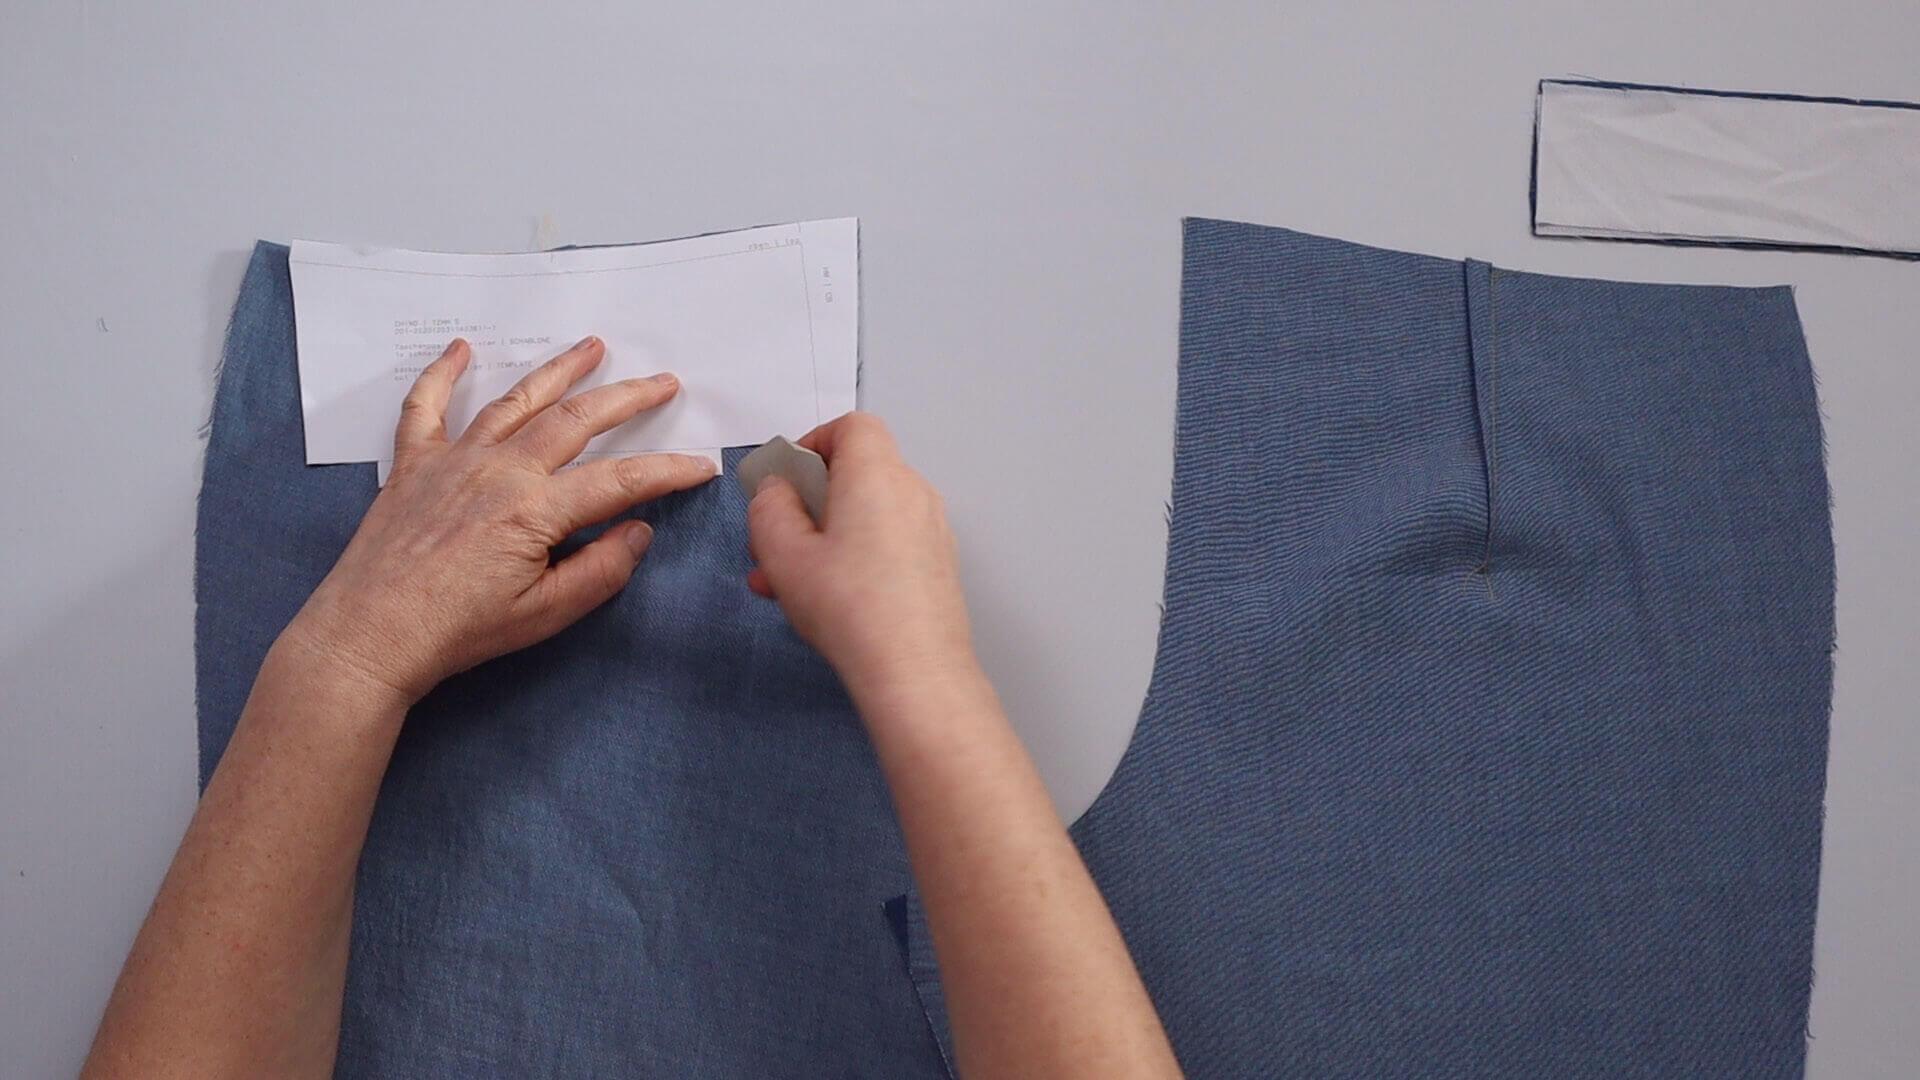 Hosentasche selber nähen- Arbeitsschritt: Taschenposition auf linker Stoffseite anzeichnen